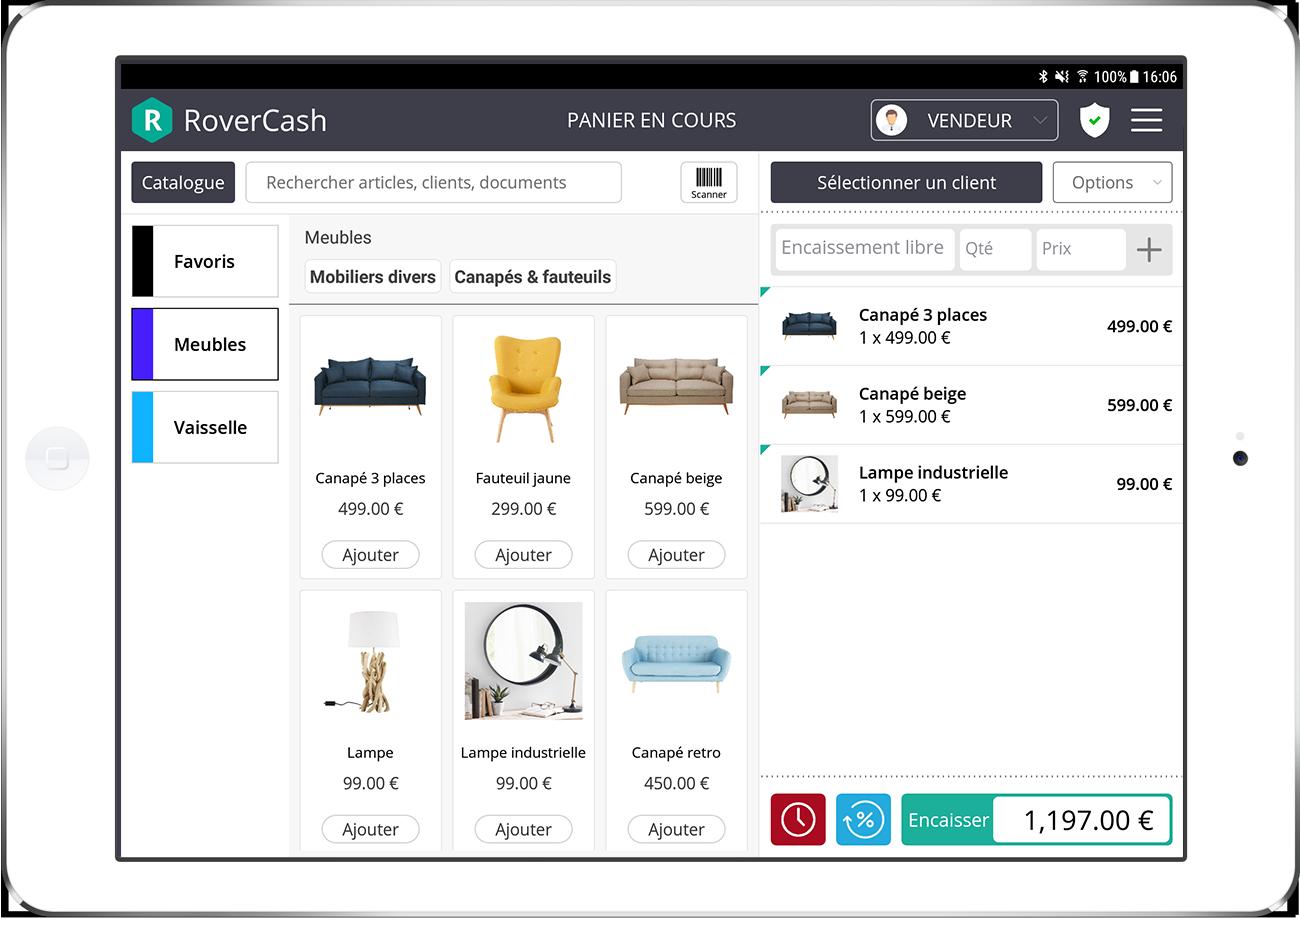 Logiciel de caisse RoverCash, partenaire agence de communication web marketing SO Conseils